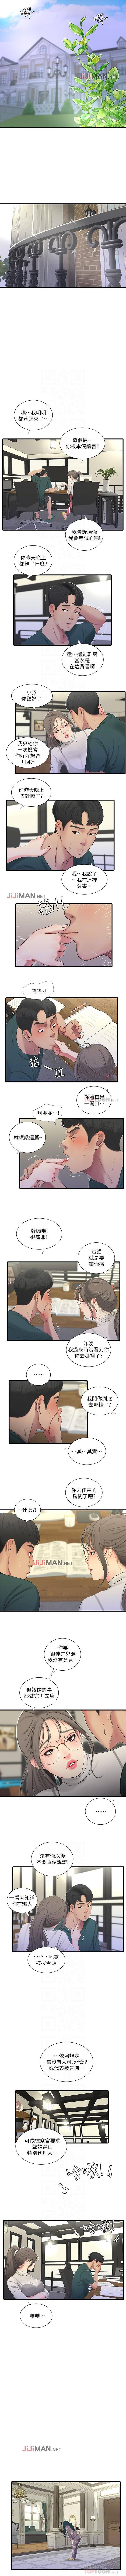 【周四连载】亲家四姐妹(作者:愛摸) 第1~31话 145